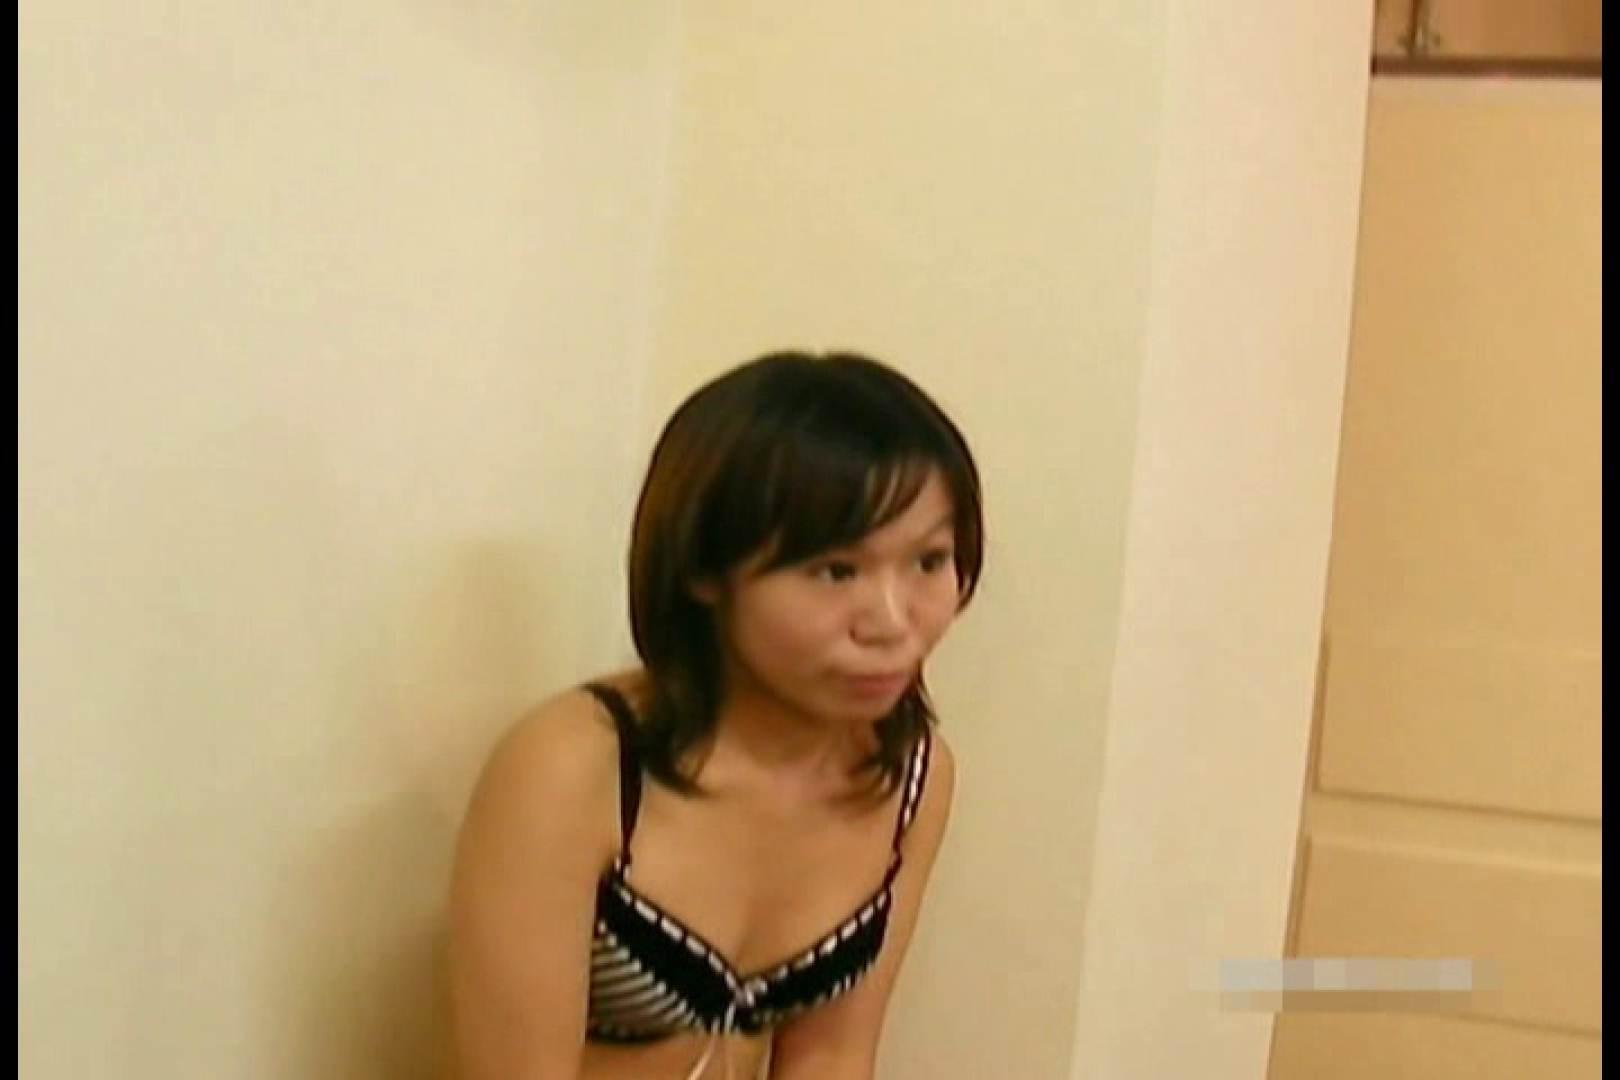 素人撮影 下着だけの撮影のはずが・・・ゆき24歳 隠撮   素人  105画像 20